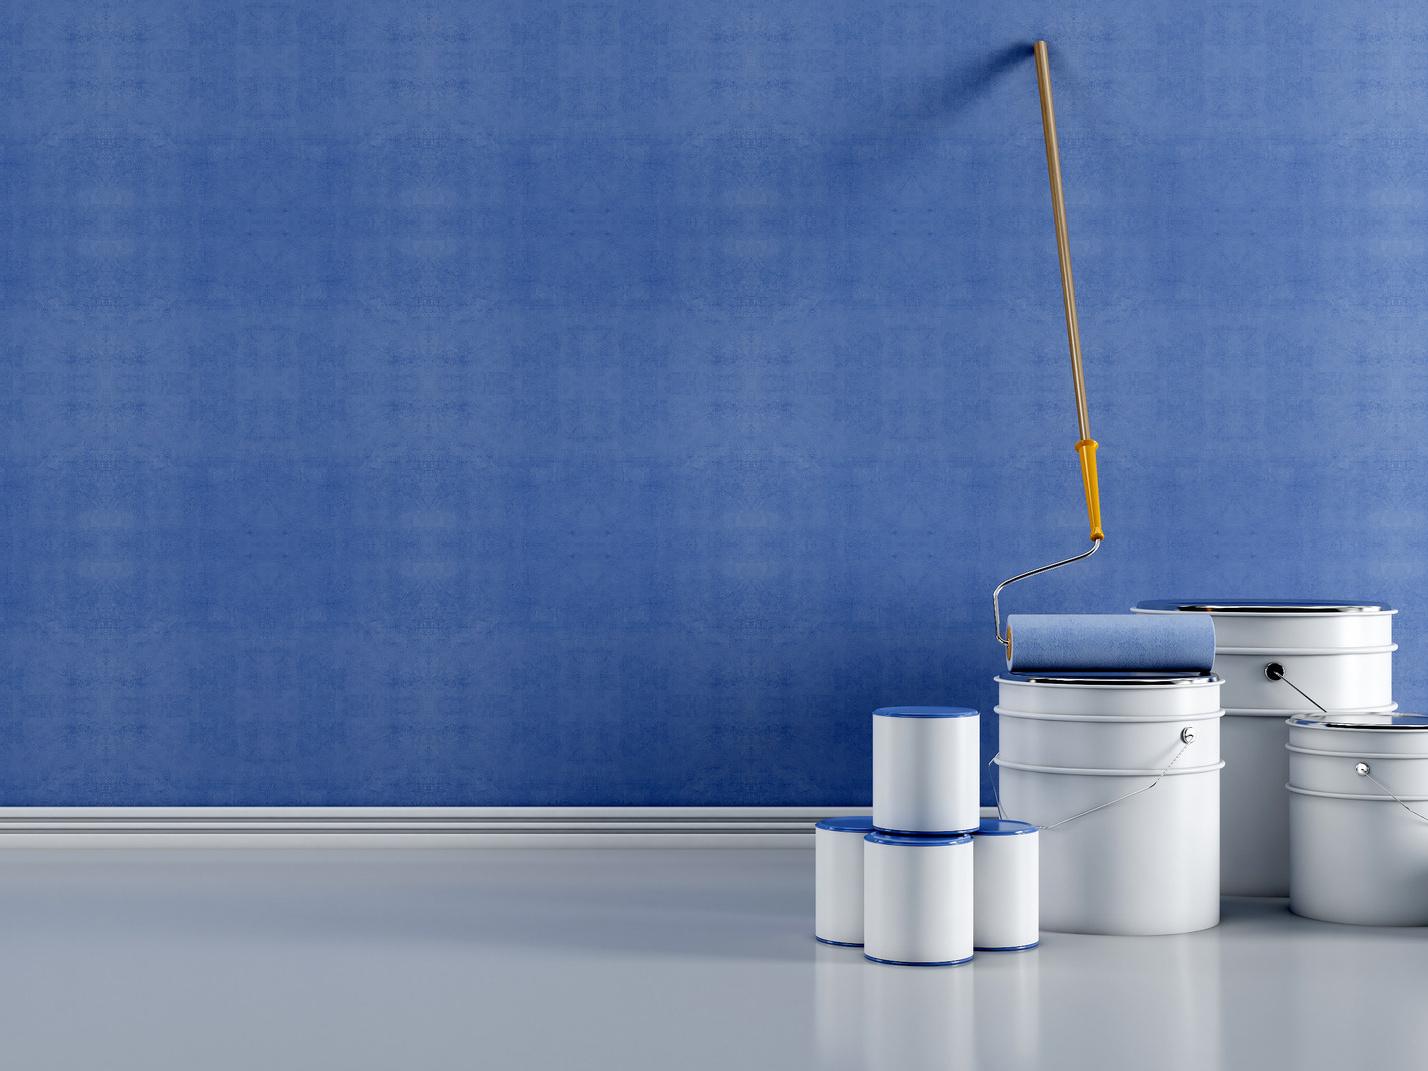 水性木器漆知识储备:水性木器漆的施工步骤